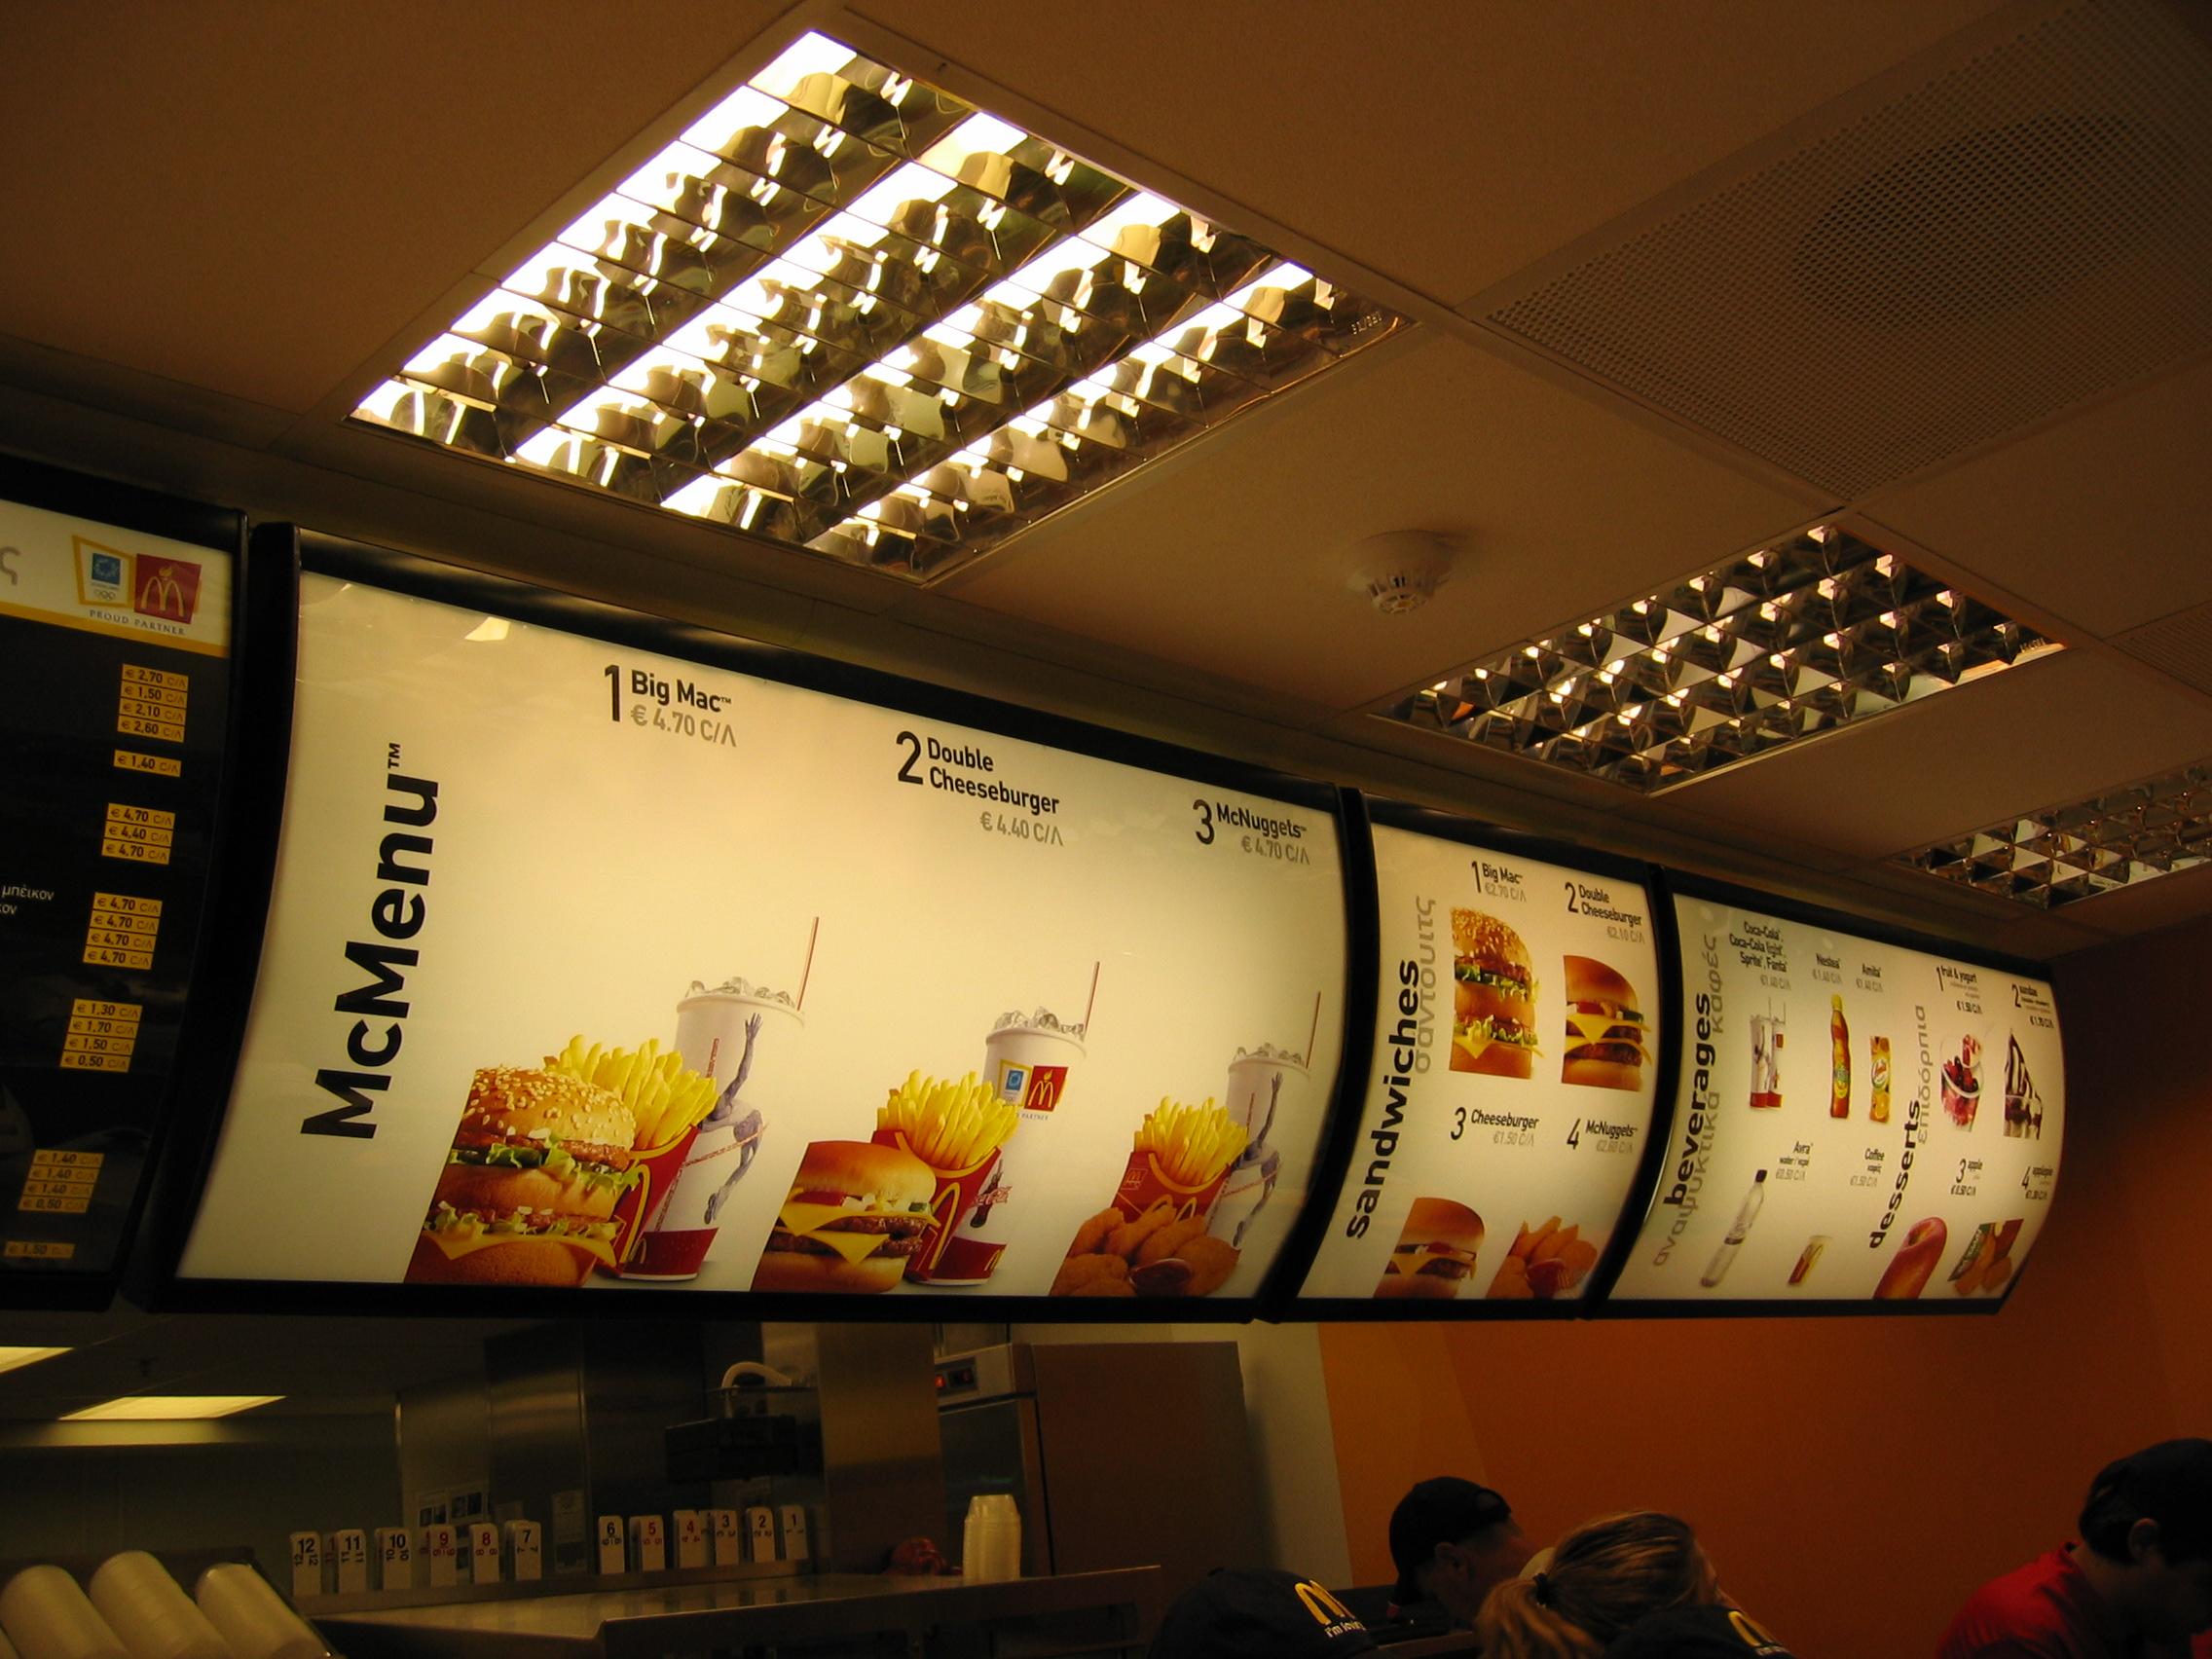 McDonald's again